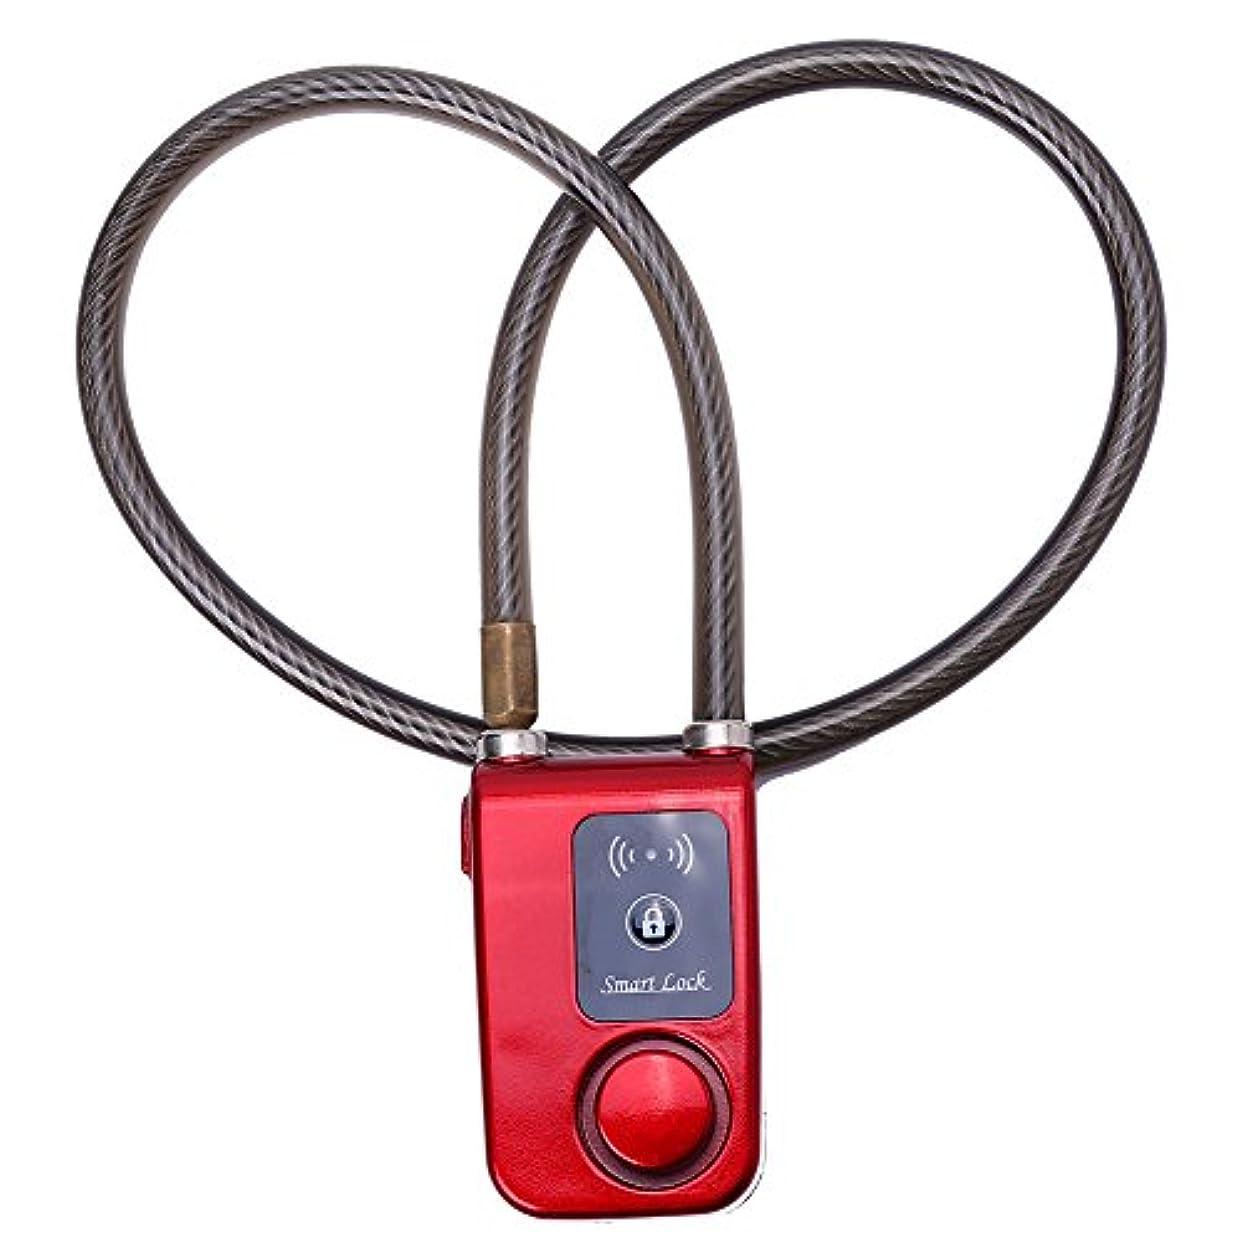 道を作るコンテストキャリアVbestlife 自転車スマートアラーム Bluetoothロック アプリコントロール 盗難防止アラームチェーンロック 105dBアラーム付き